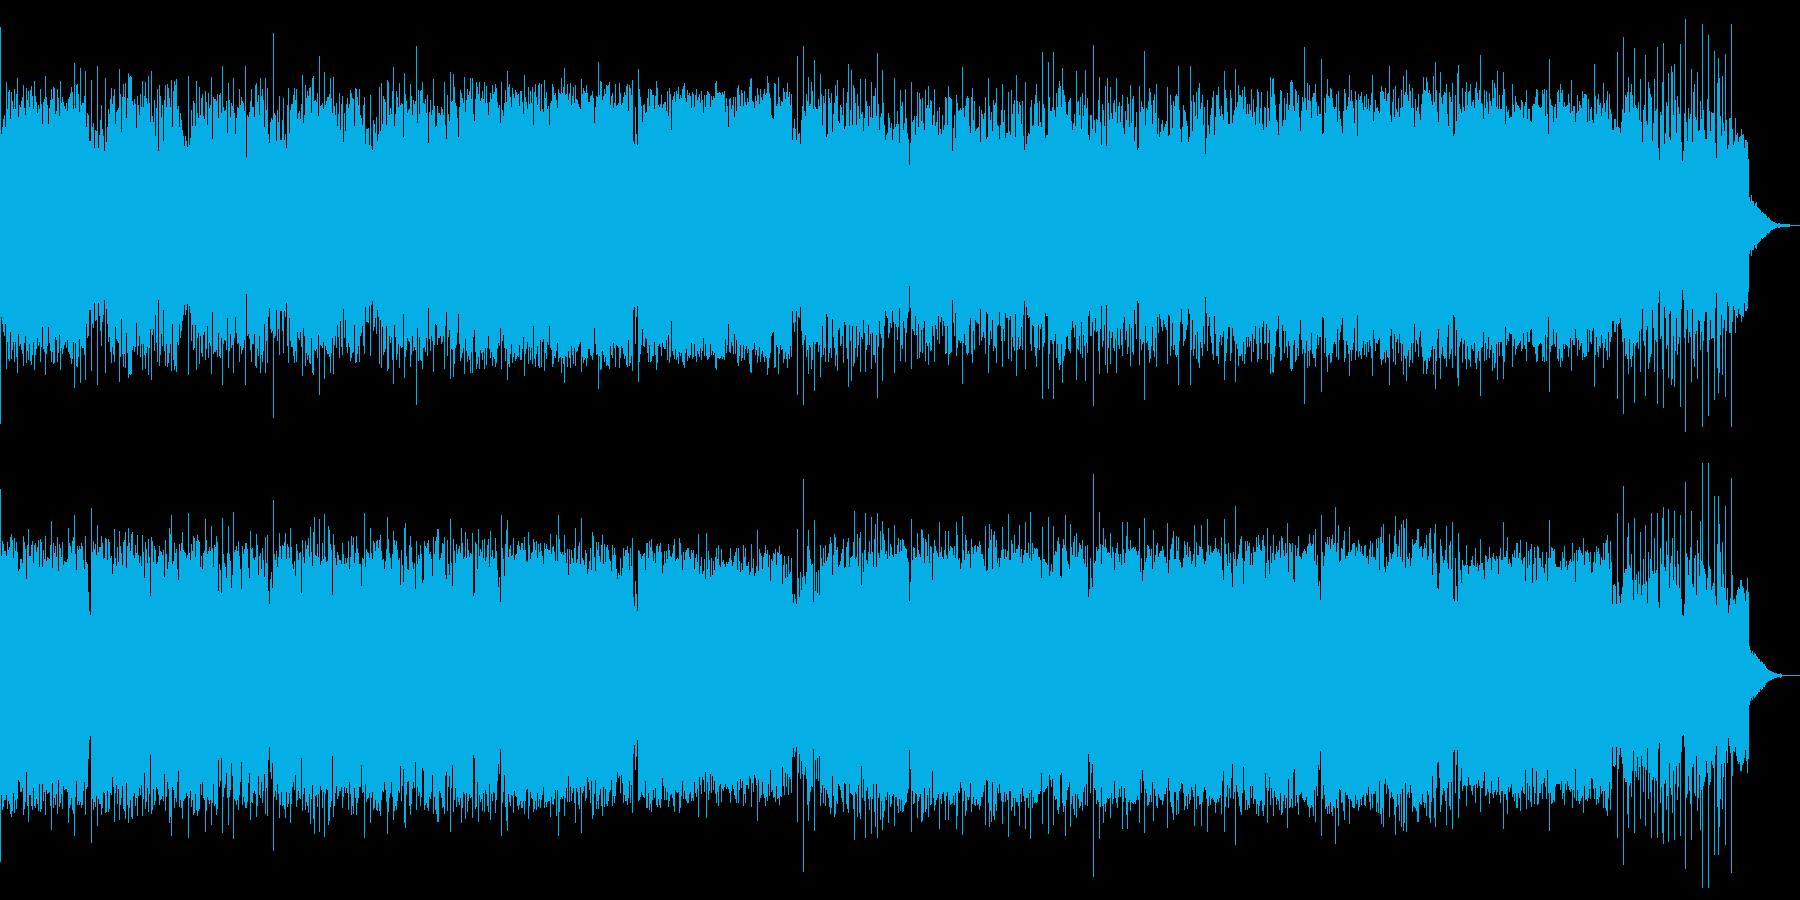 明るく壮大で疾走感のあるメロディアスな曲の再生済みの波形